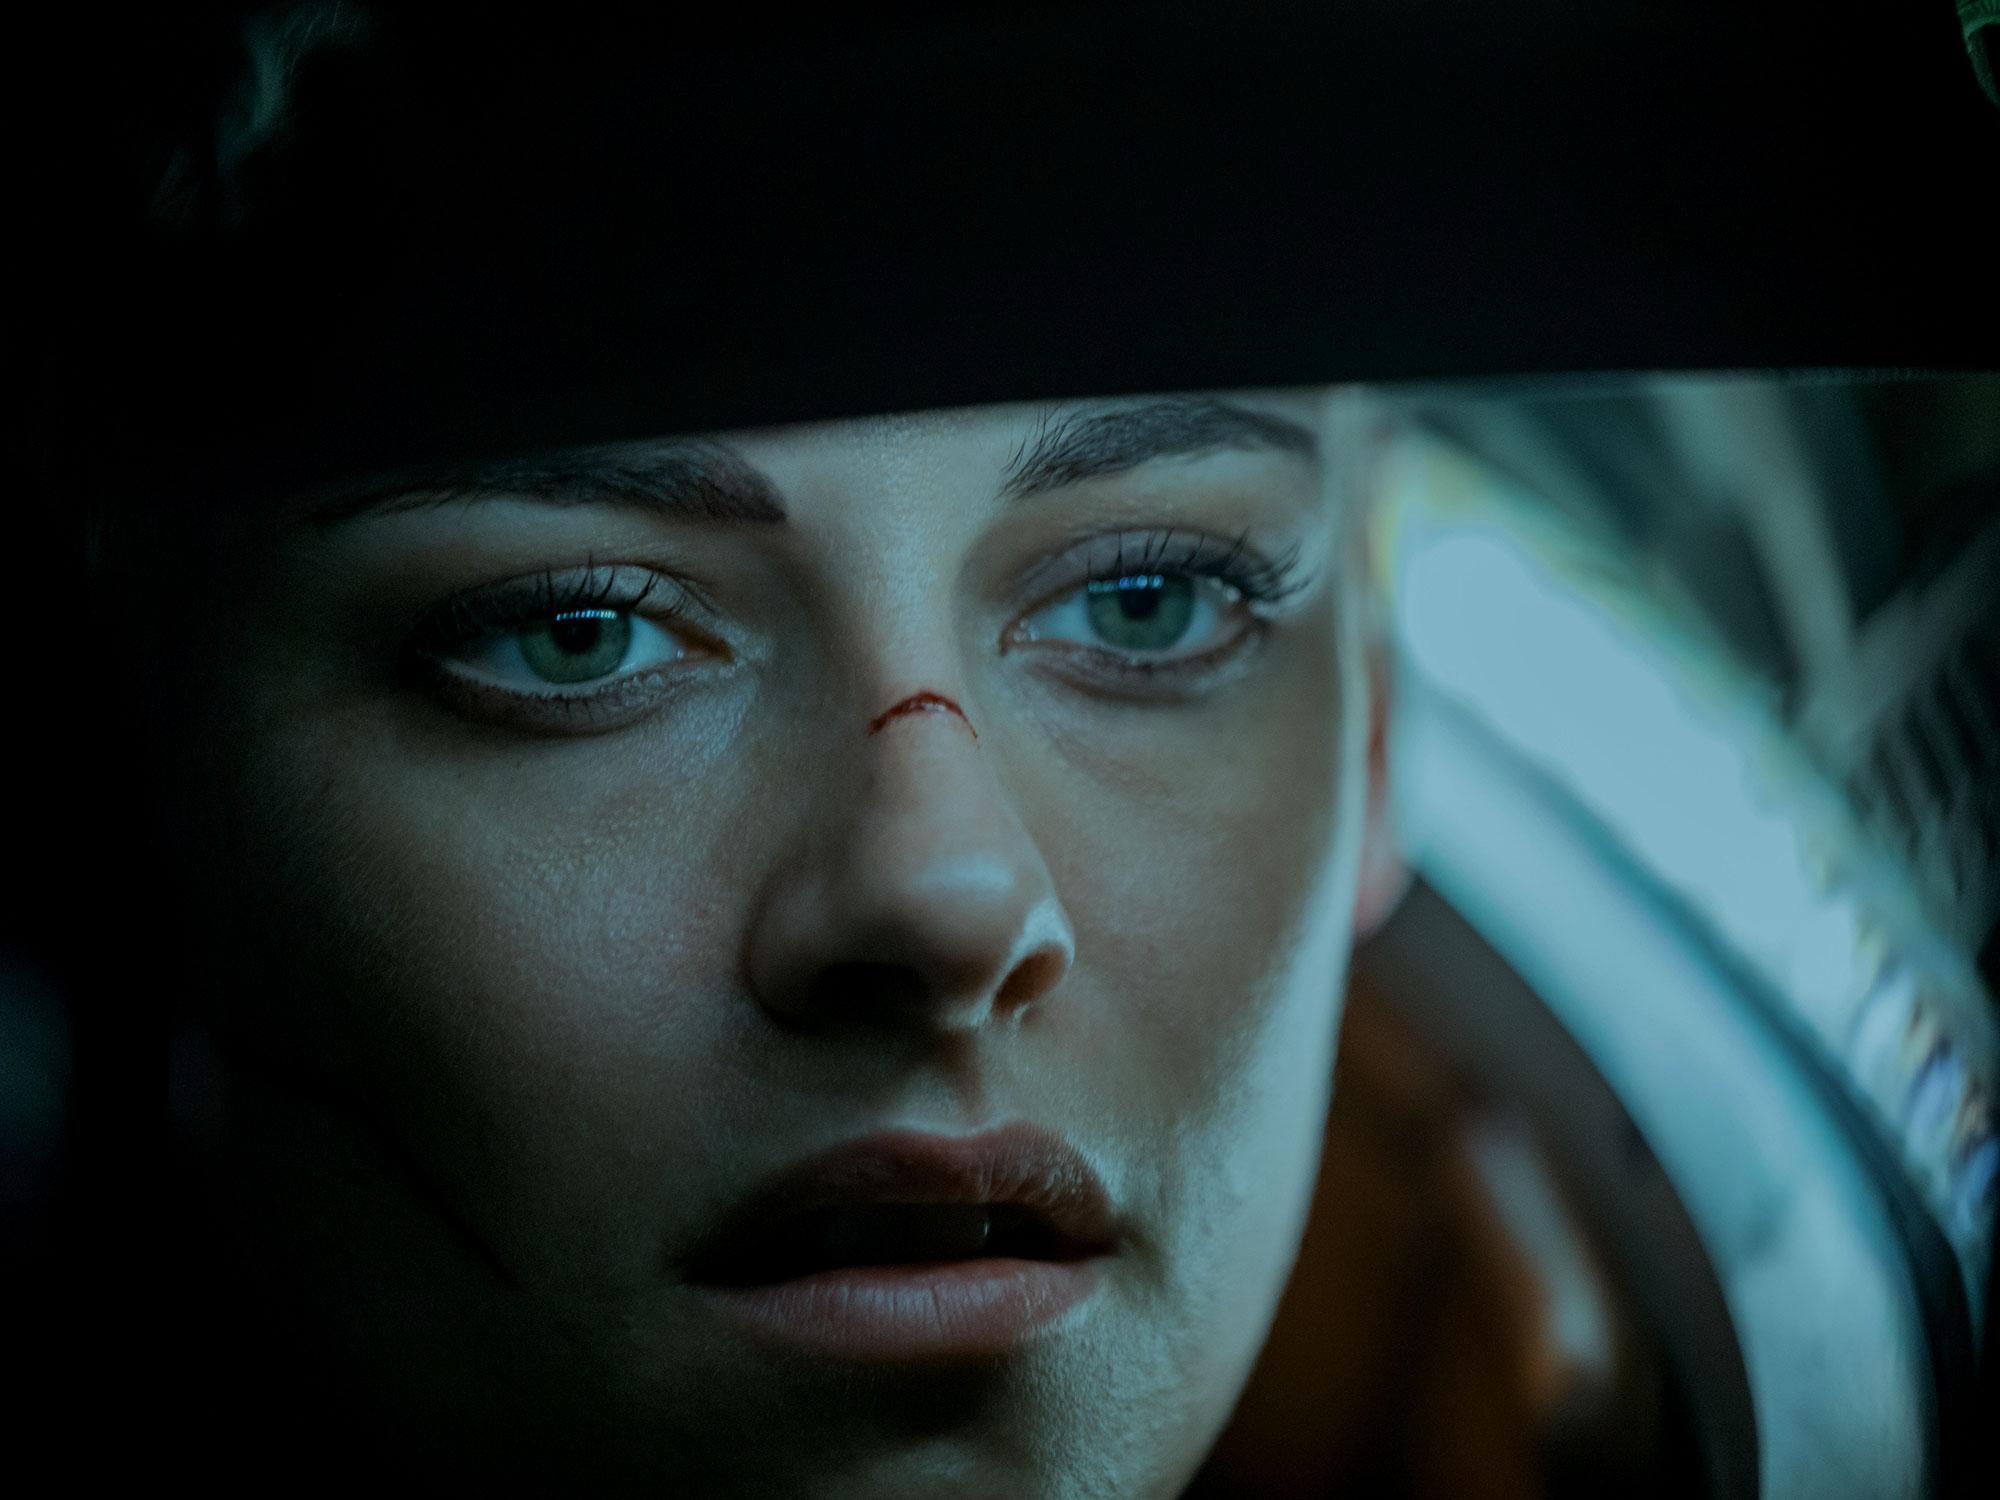 Underwater review – Kristen Stewart sinks in dull CG dirge